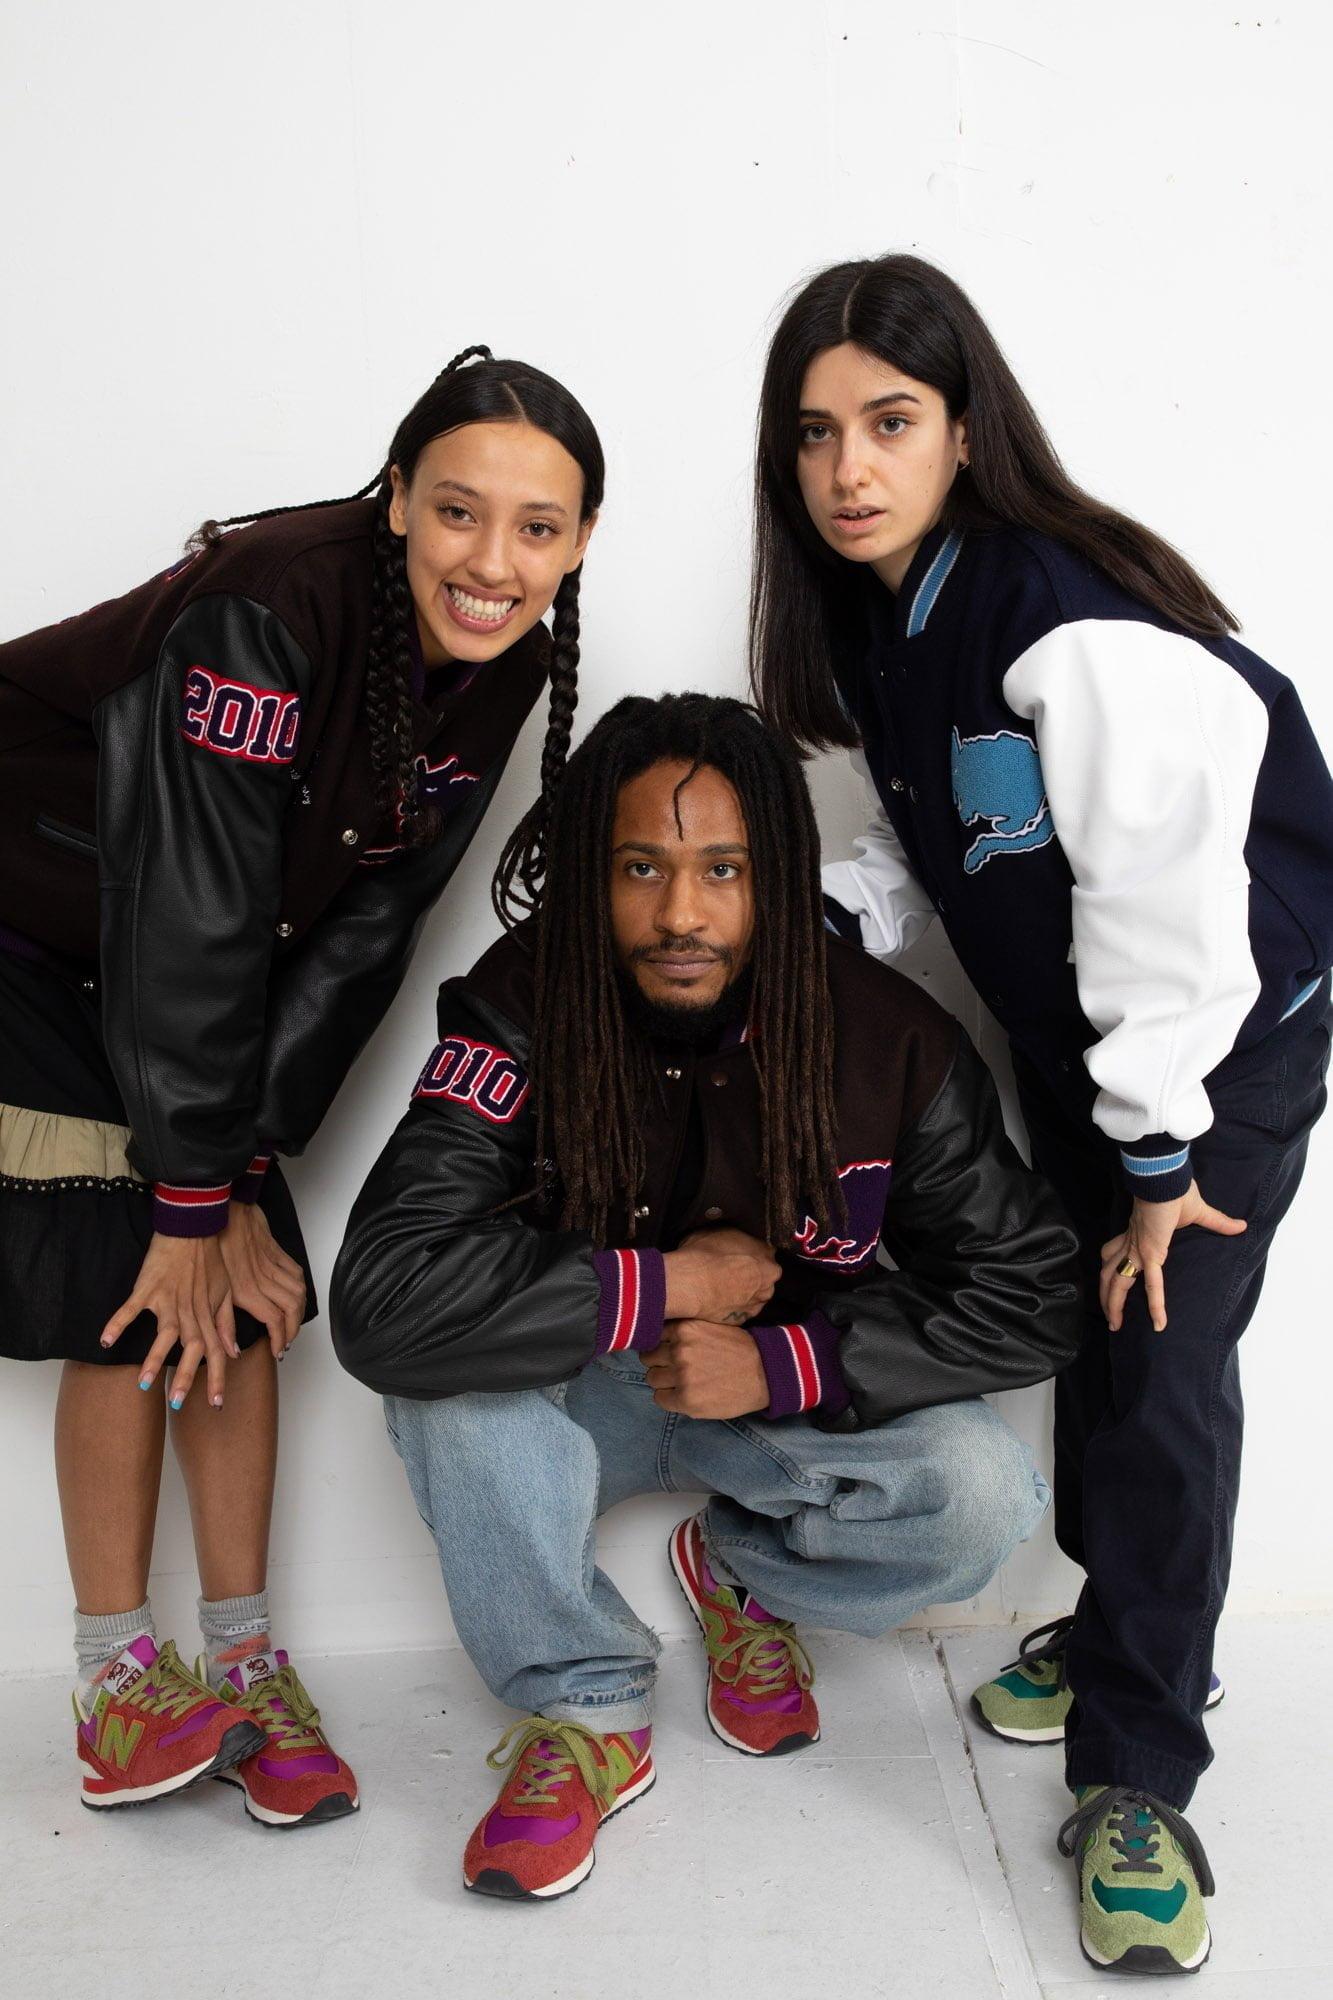 a201212 STRAYRATS 01220 Real Streetwear: Stray Rats 101